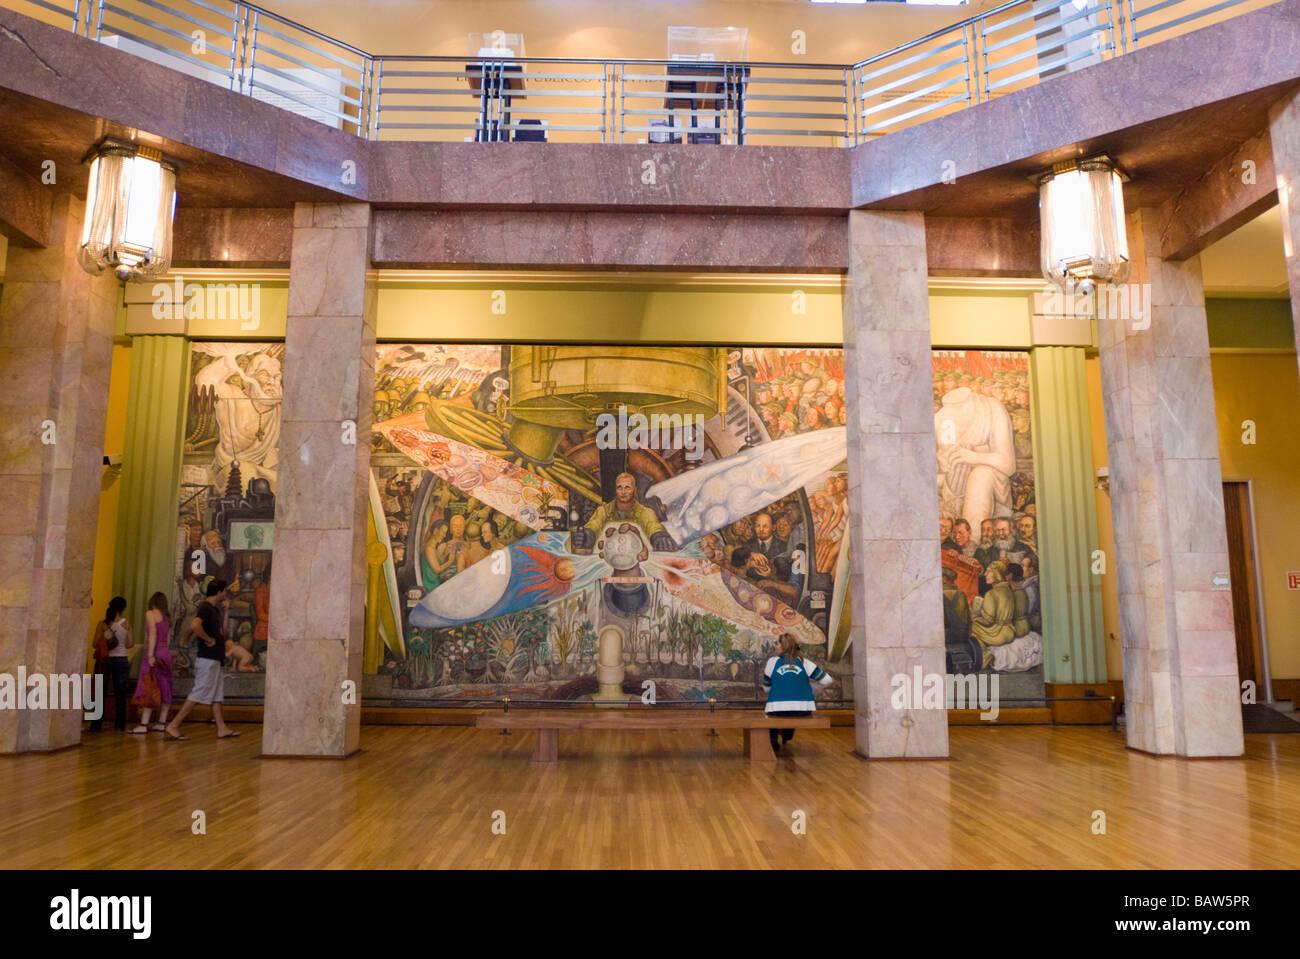 Palacio De Bellas Artes In Mexico City Interior Mural In Art Museum